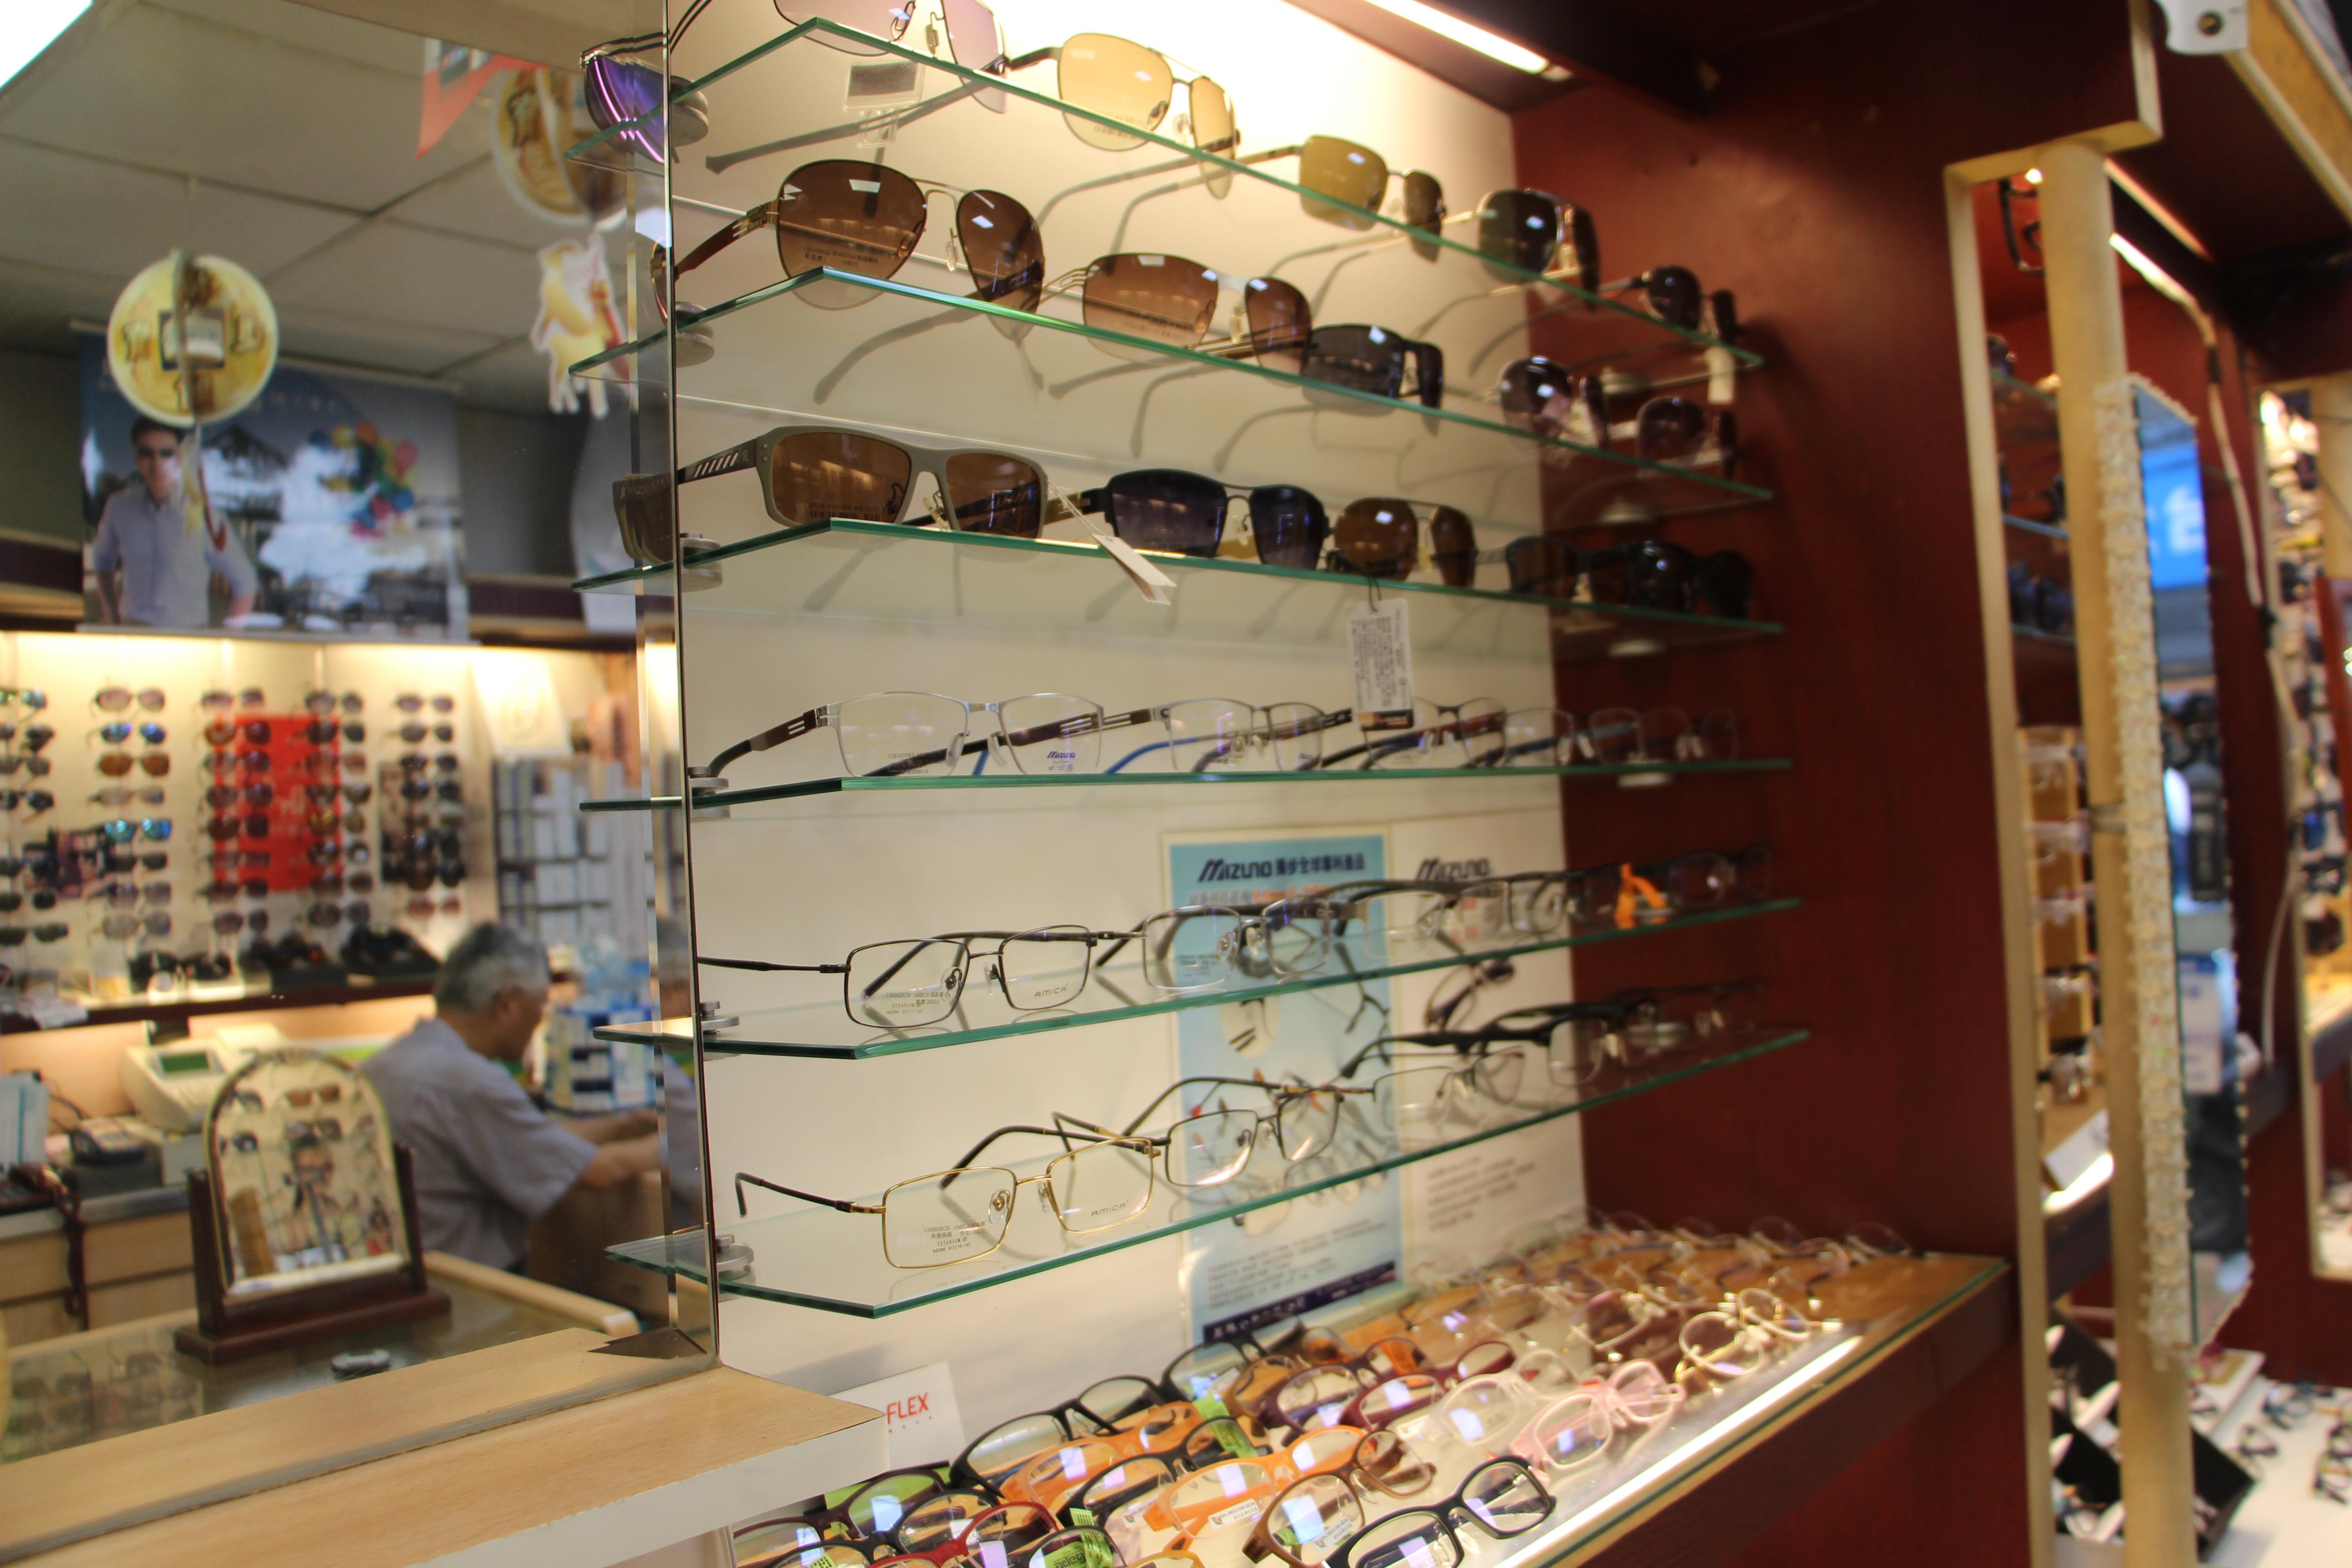 眼鏡款式琳瑯滿目,如何挑選成為一大課題。攝影/蘇蓉、王域瑾